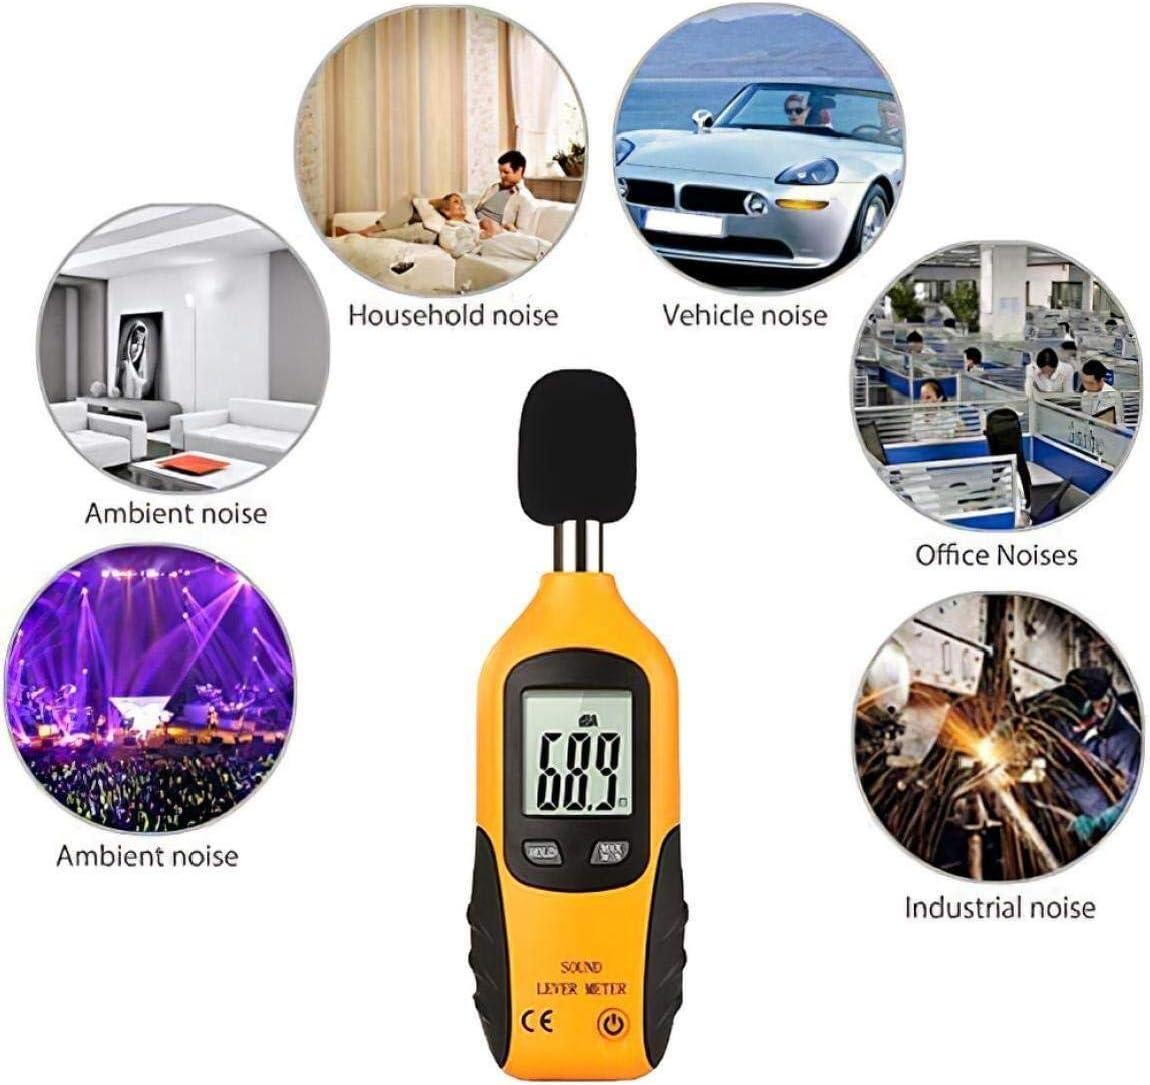 Digital Handheld Decibel Noise Measurement Sound Level Meter Mini Portable Digital LCD Display dB Meter Precise